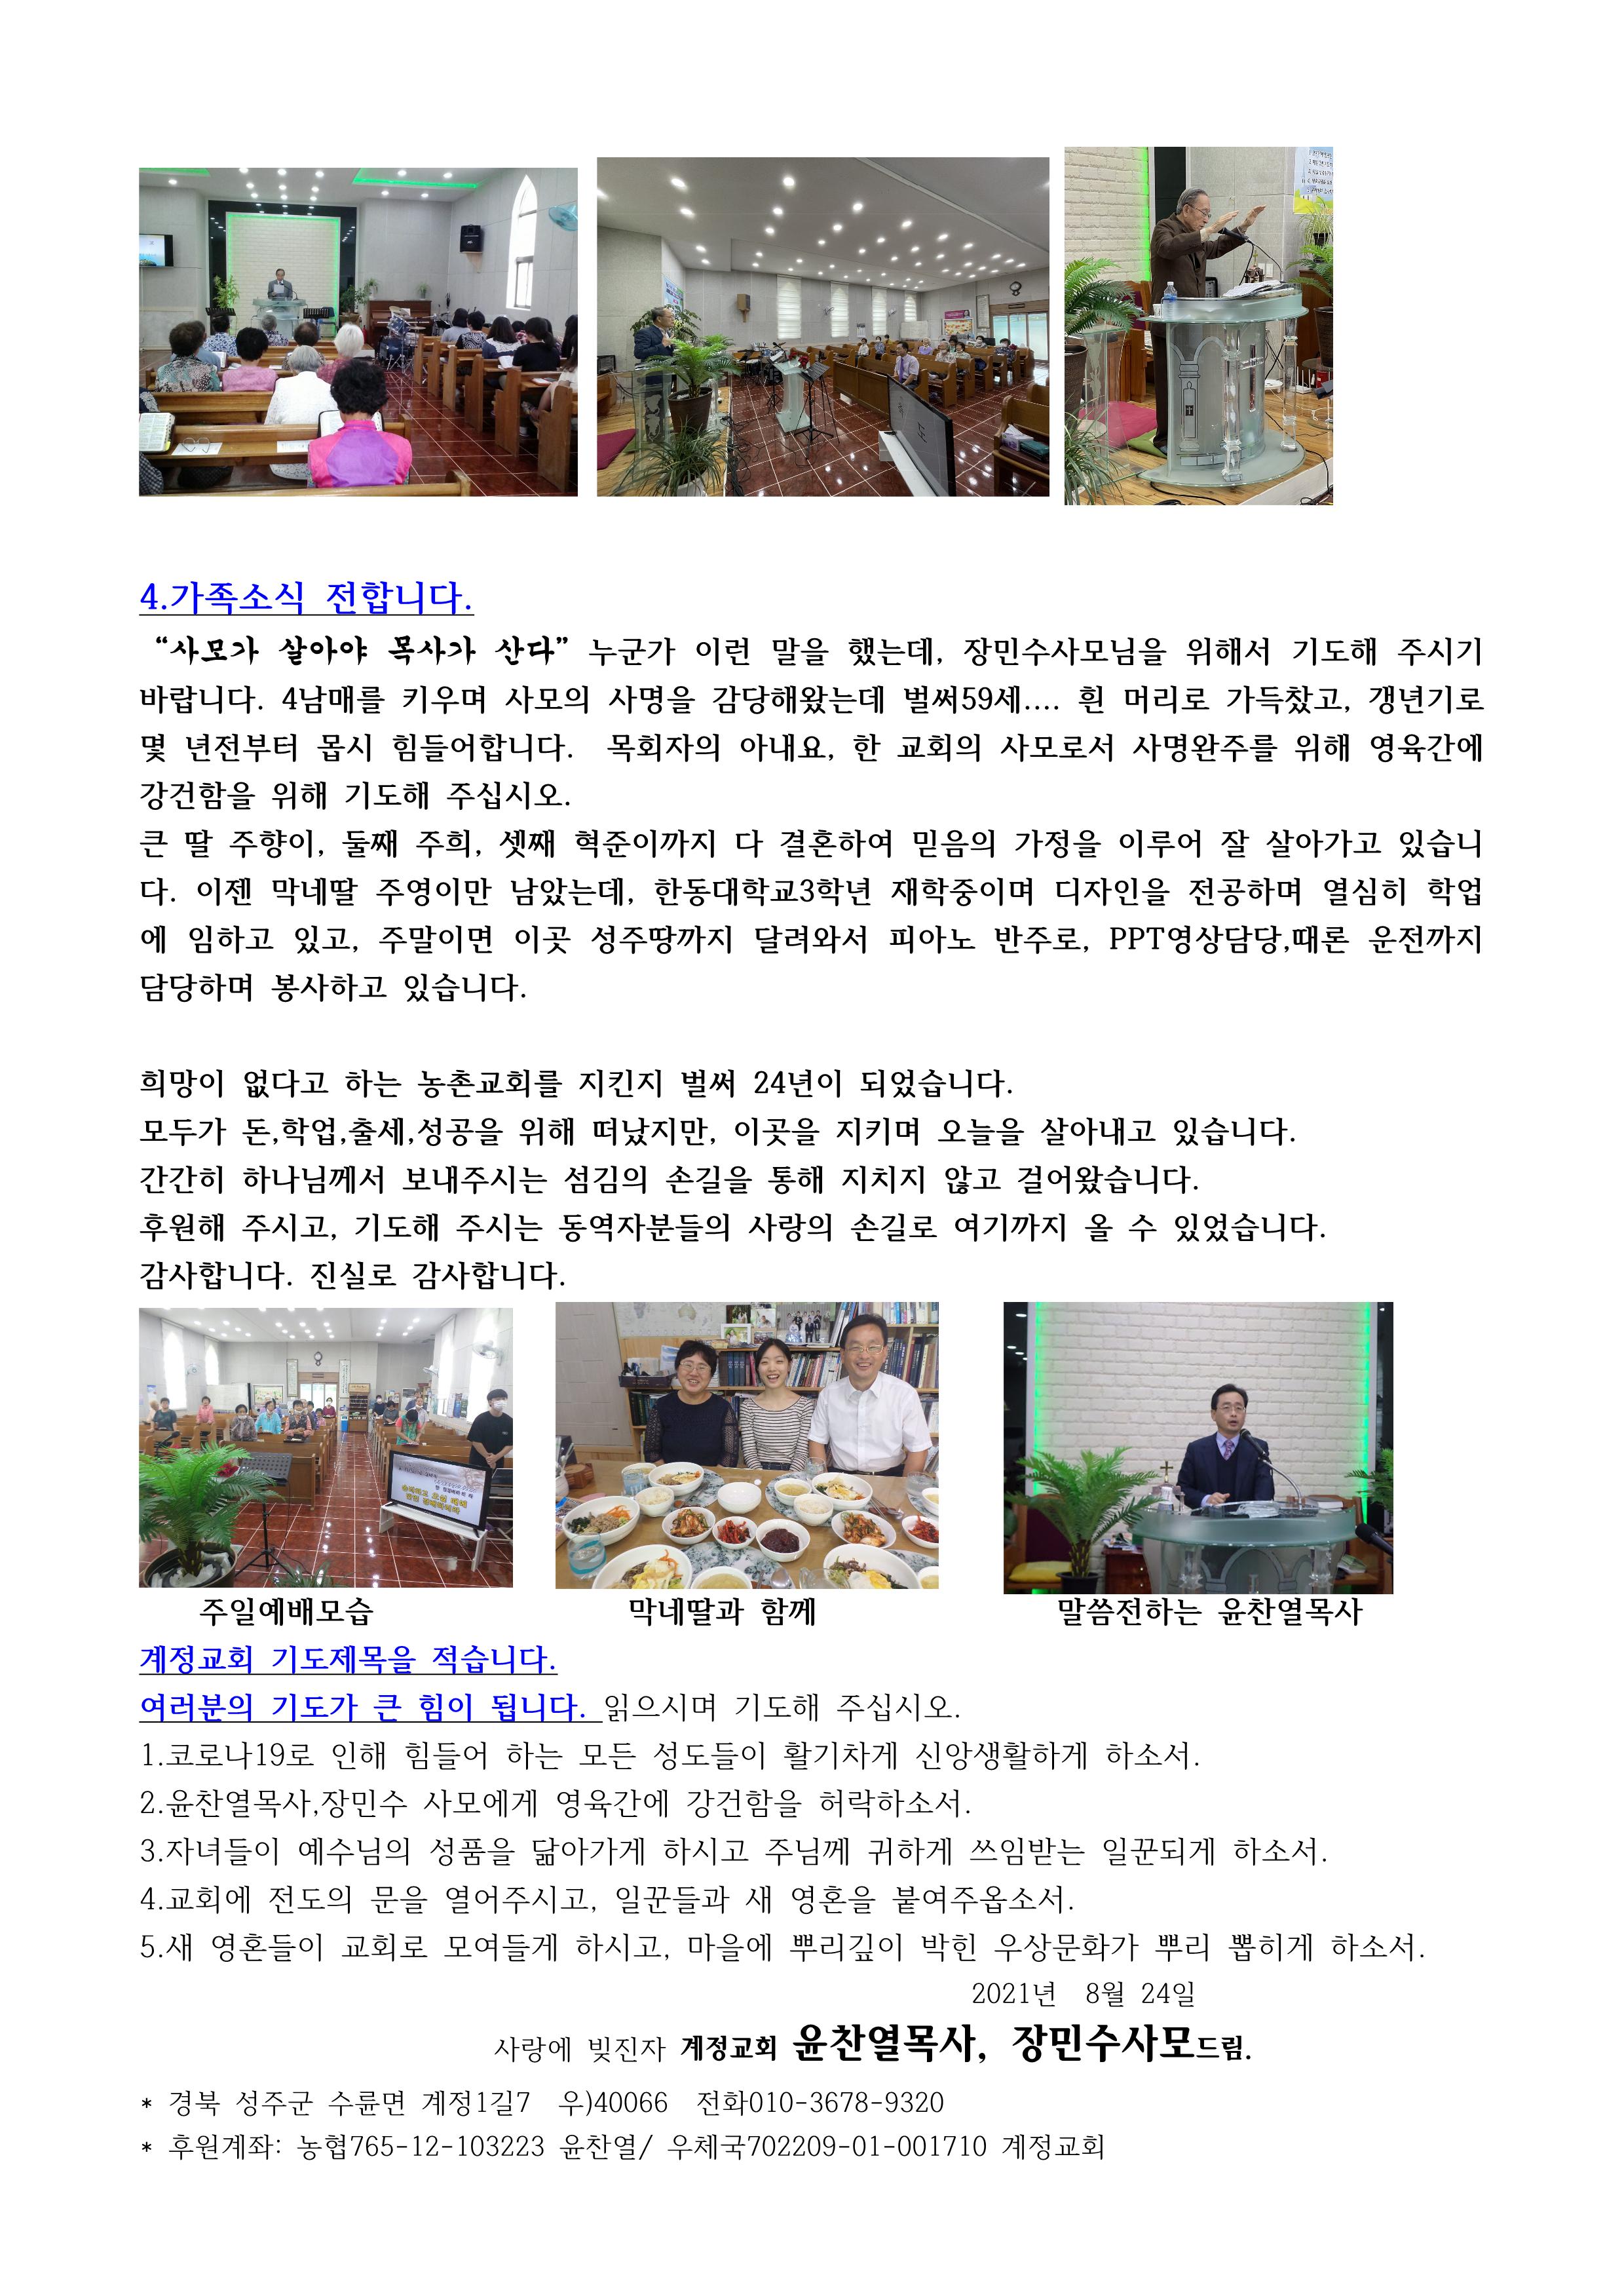 20210824 계정교회 기도편지_2.png